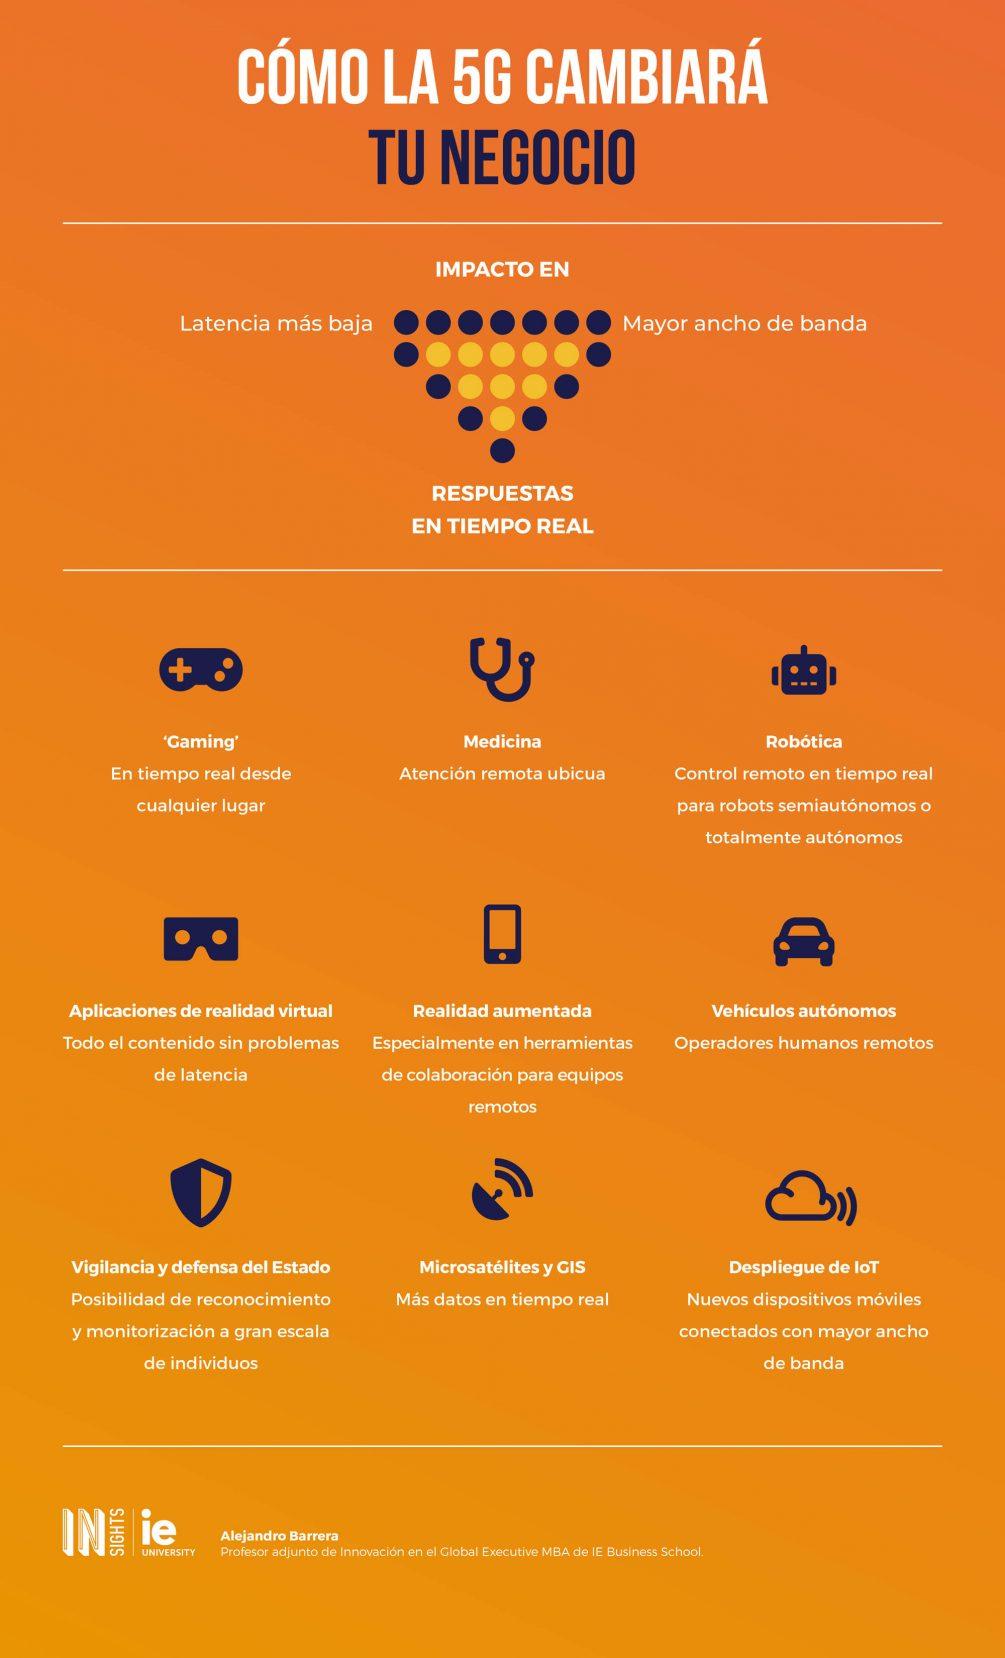 Infografia - Como la 5G cambiara tu negocio esp